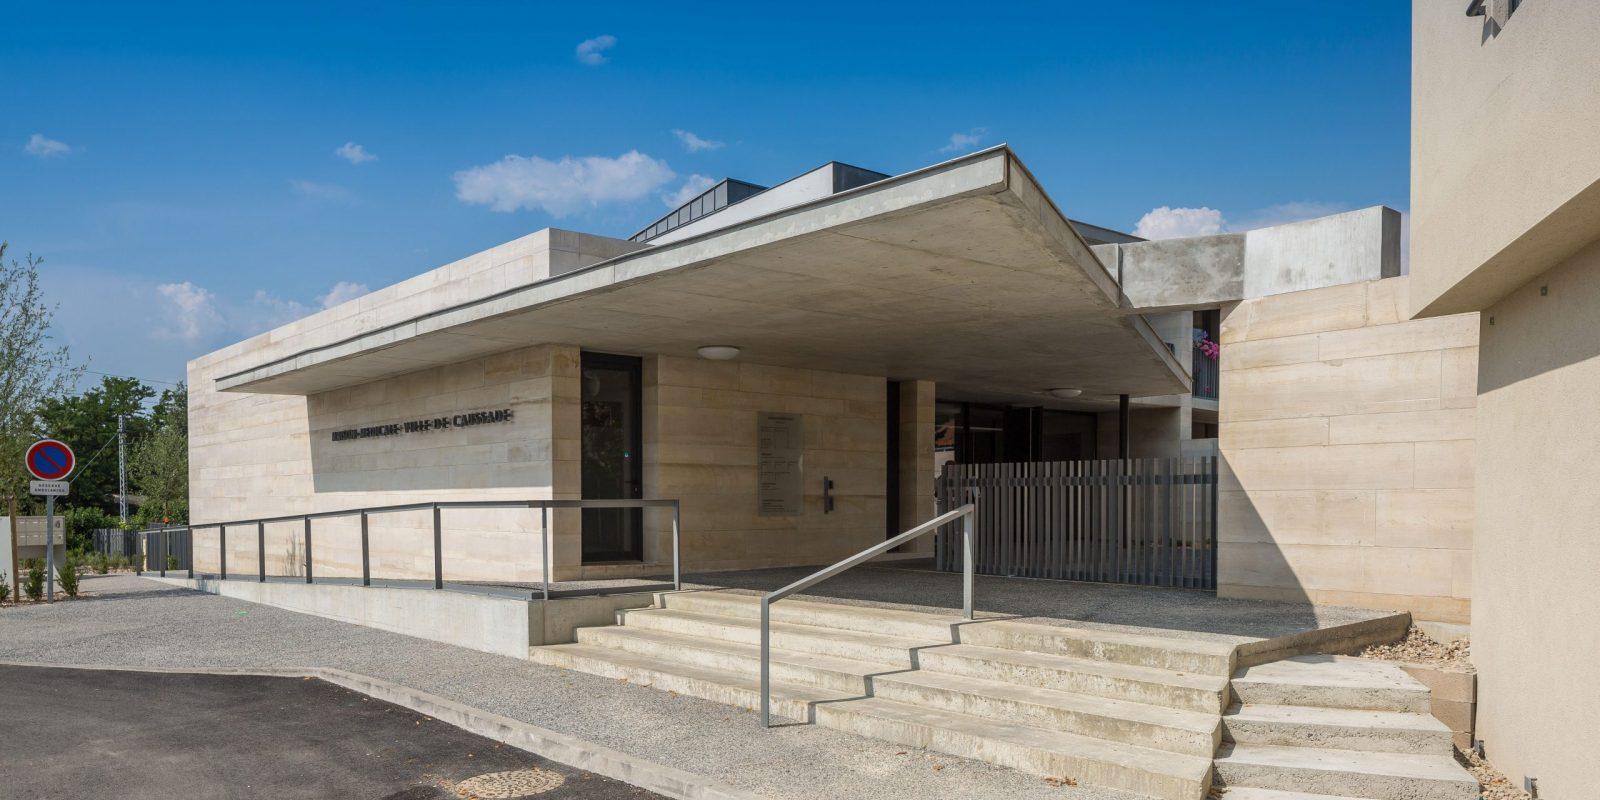 Caussade Maison Médicale